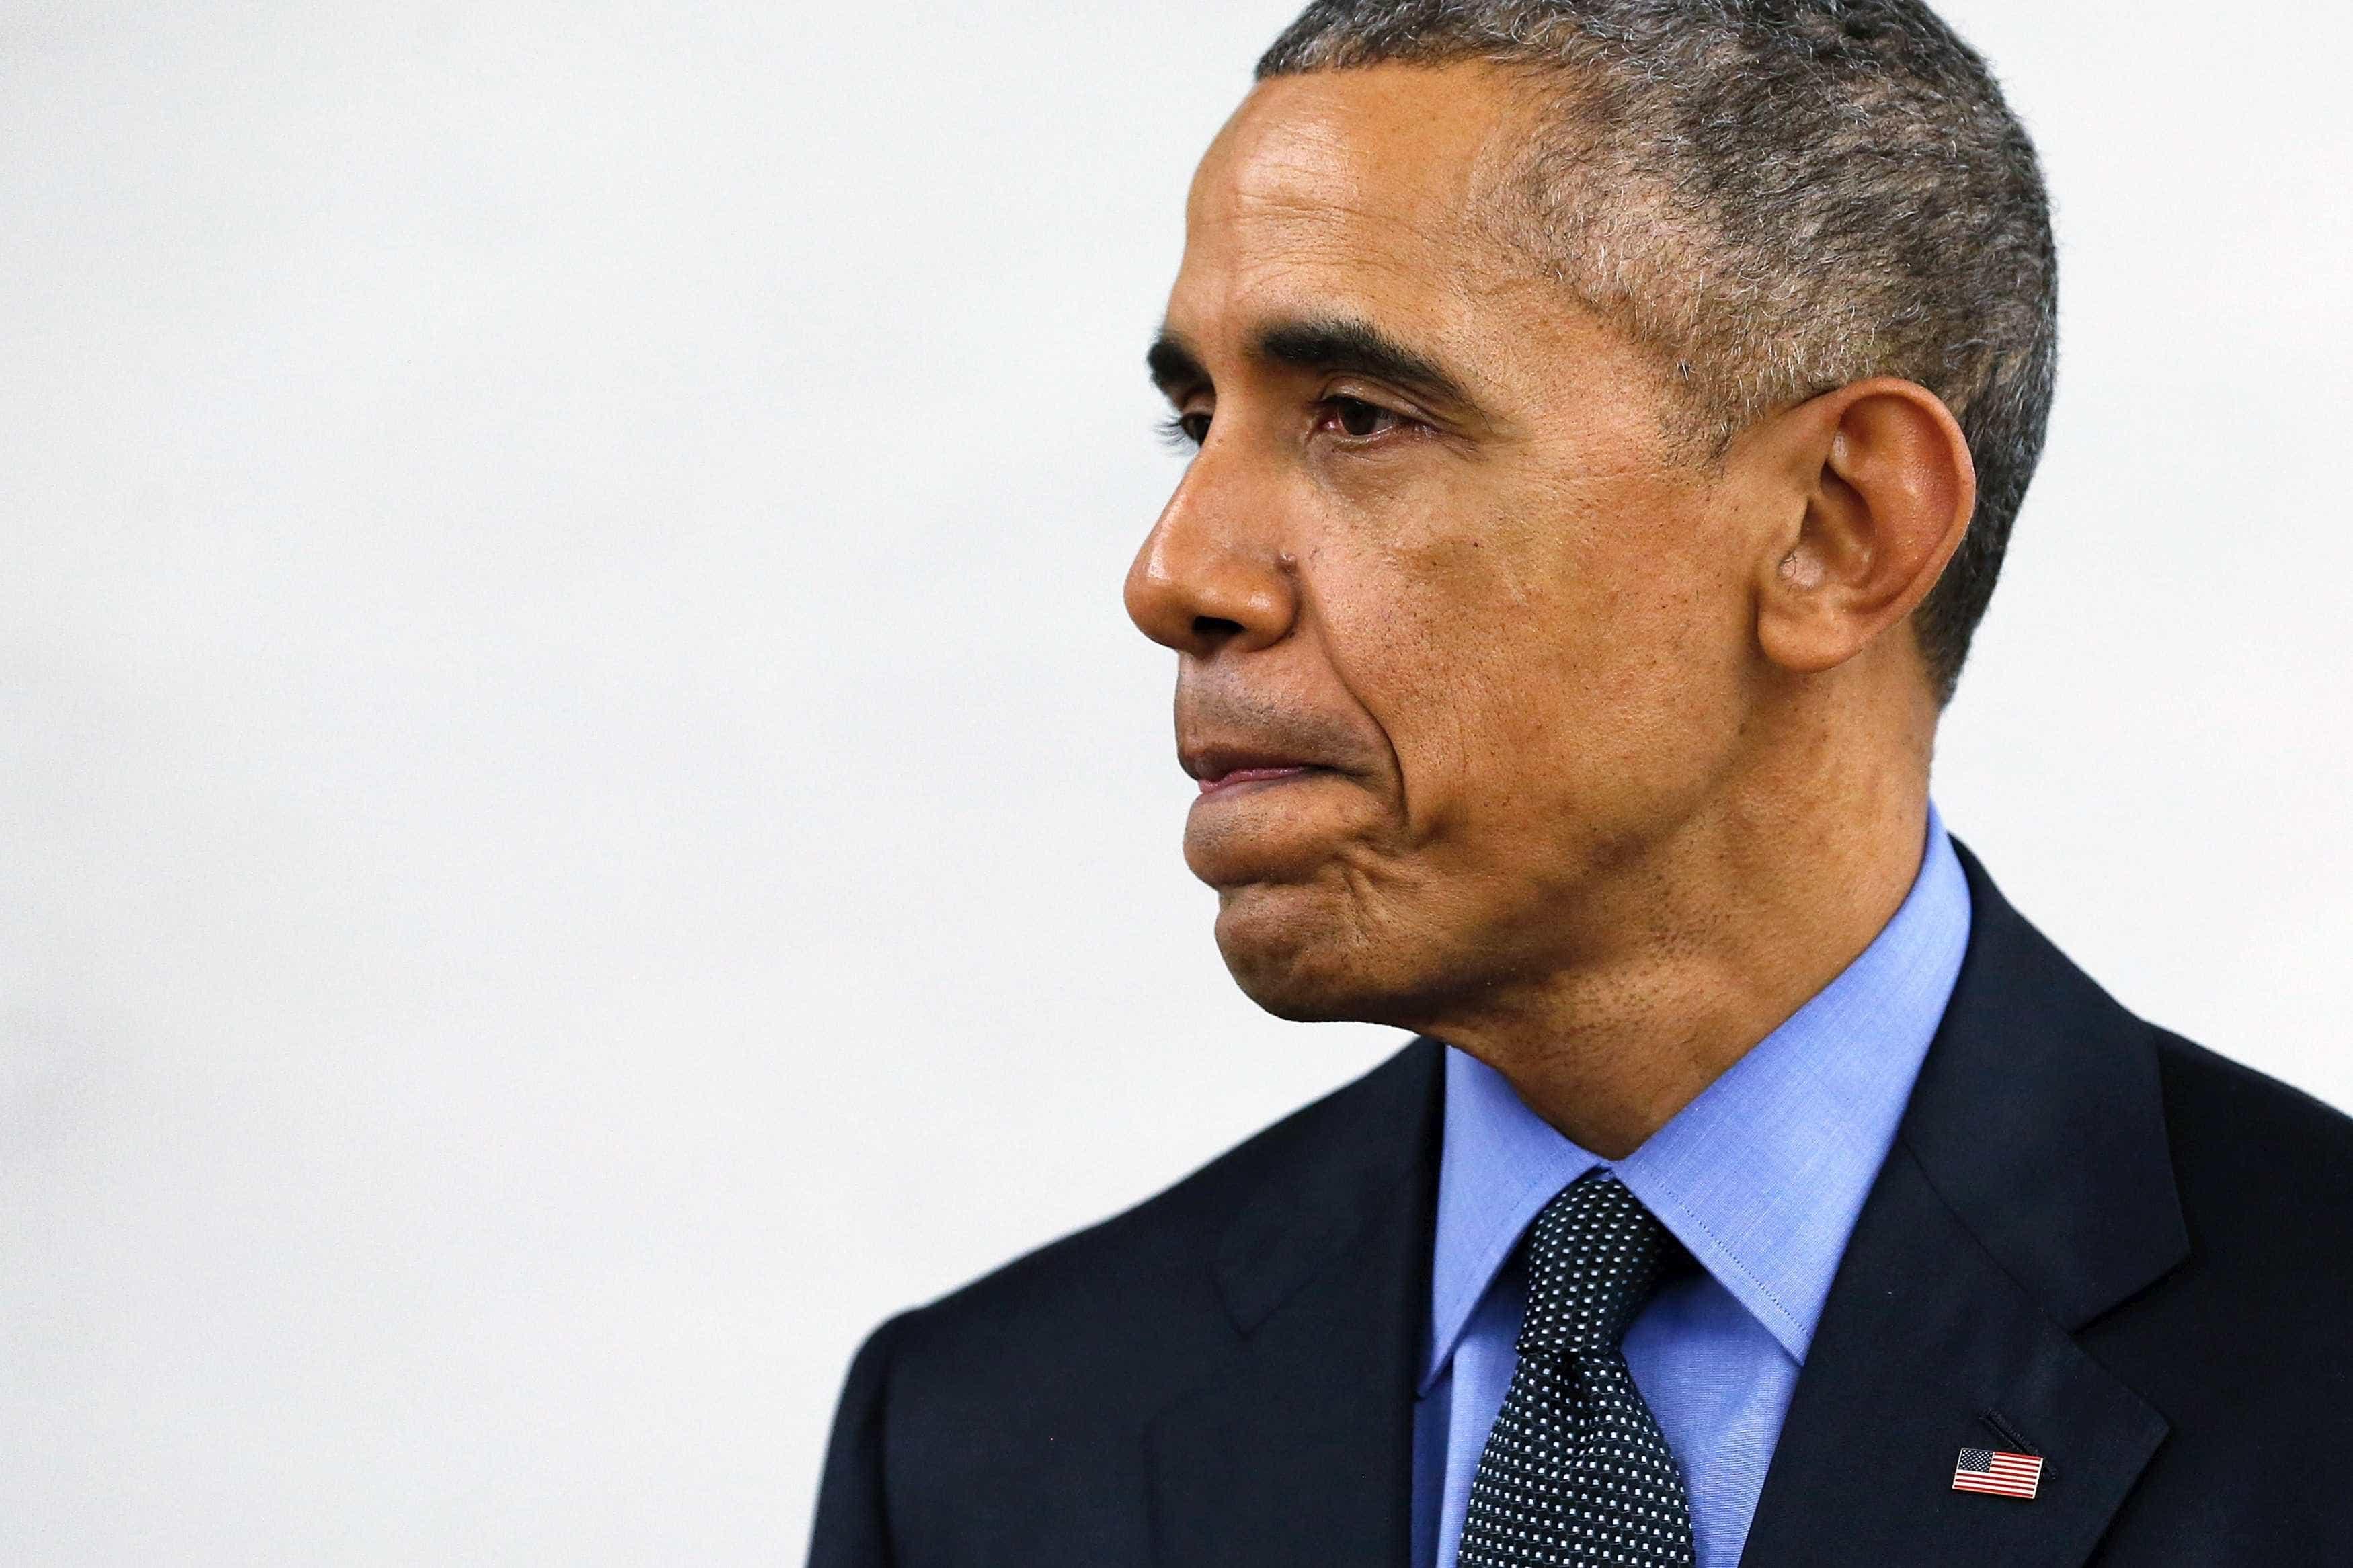 Obama diz que saída de acordo com Irã é 'erro gravíssimo'